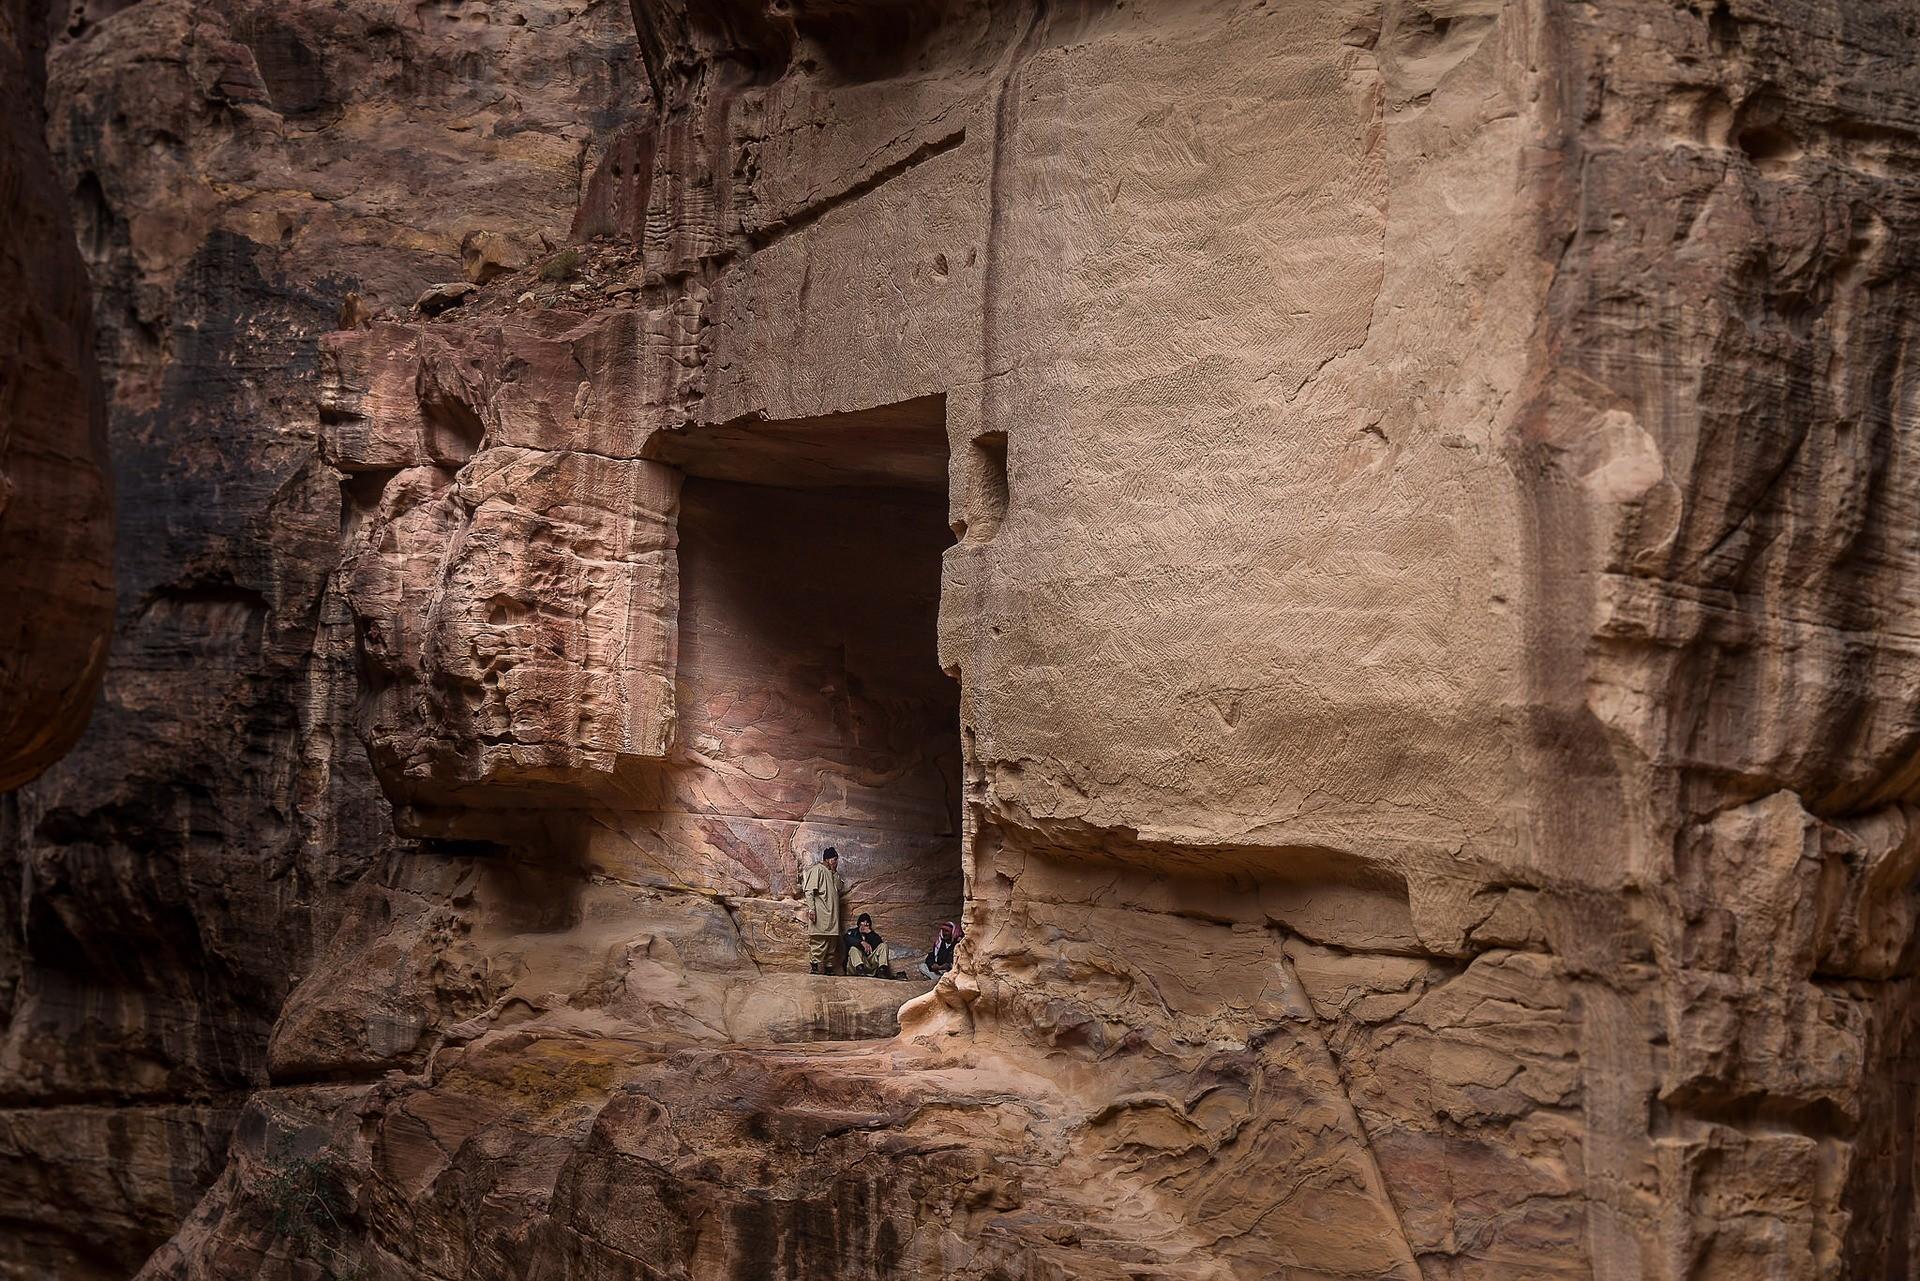 Voyage à faire à Pétra cité antique monumentale en Jordanie